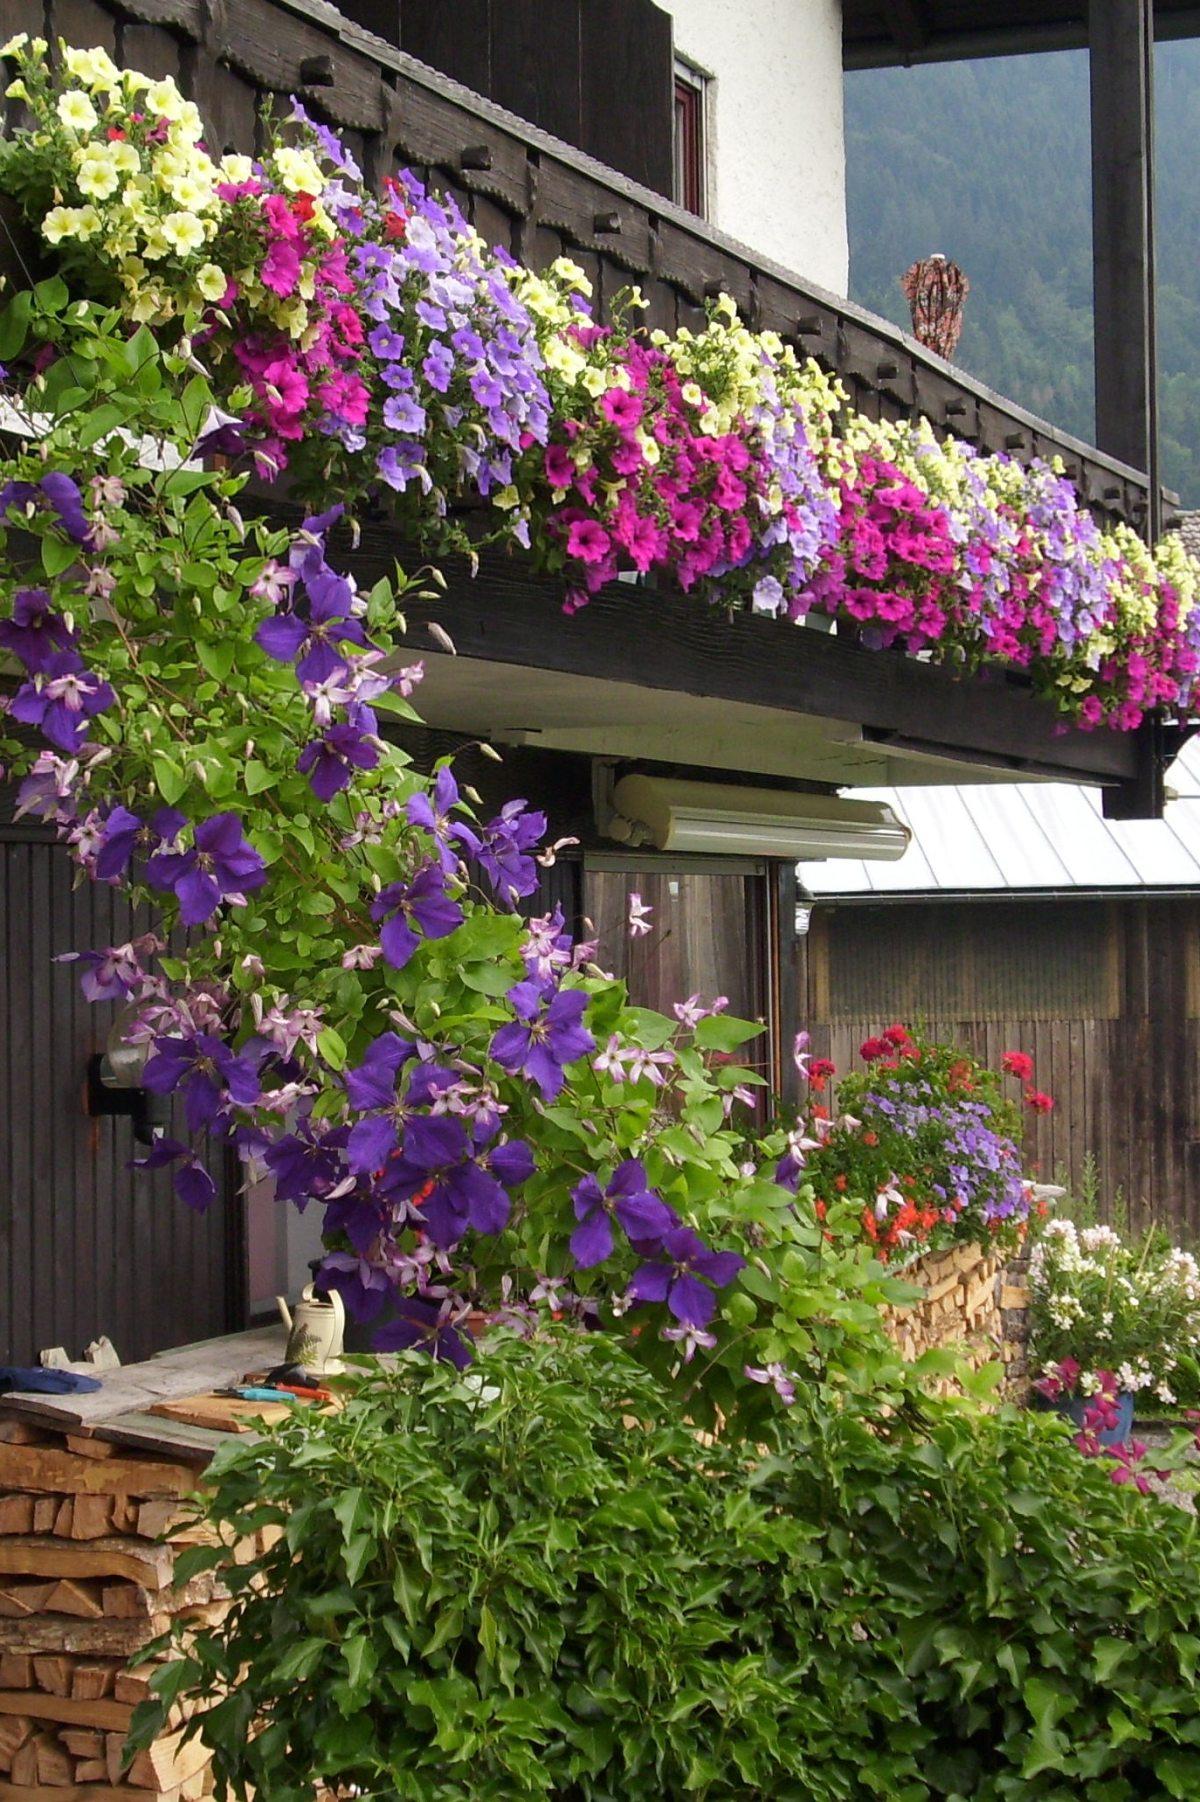 Prachtvoller Blumenschmuck am Haus